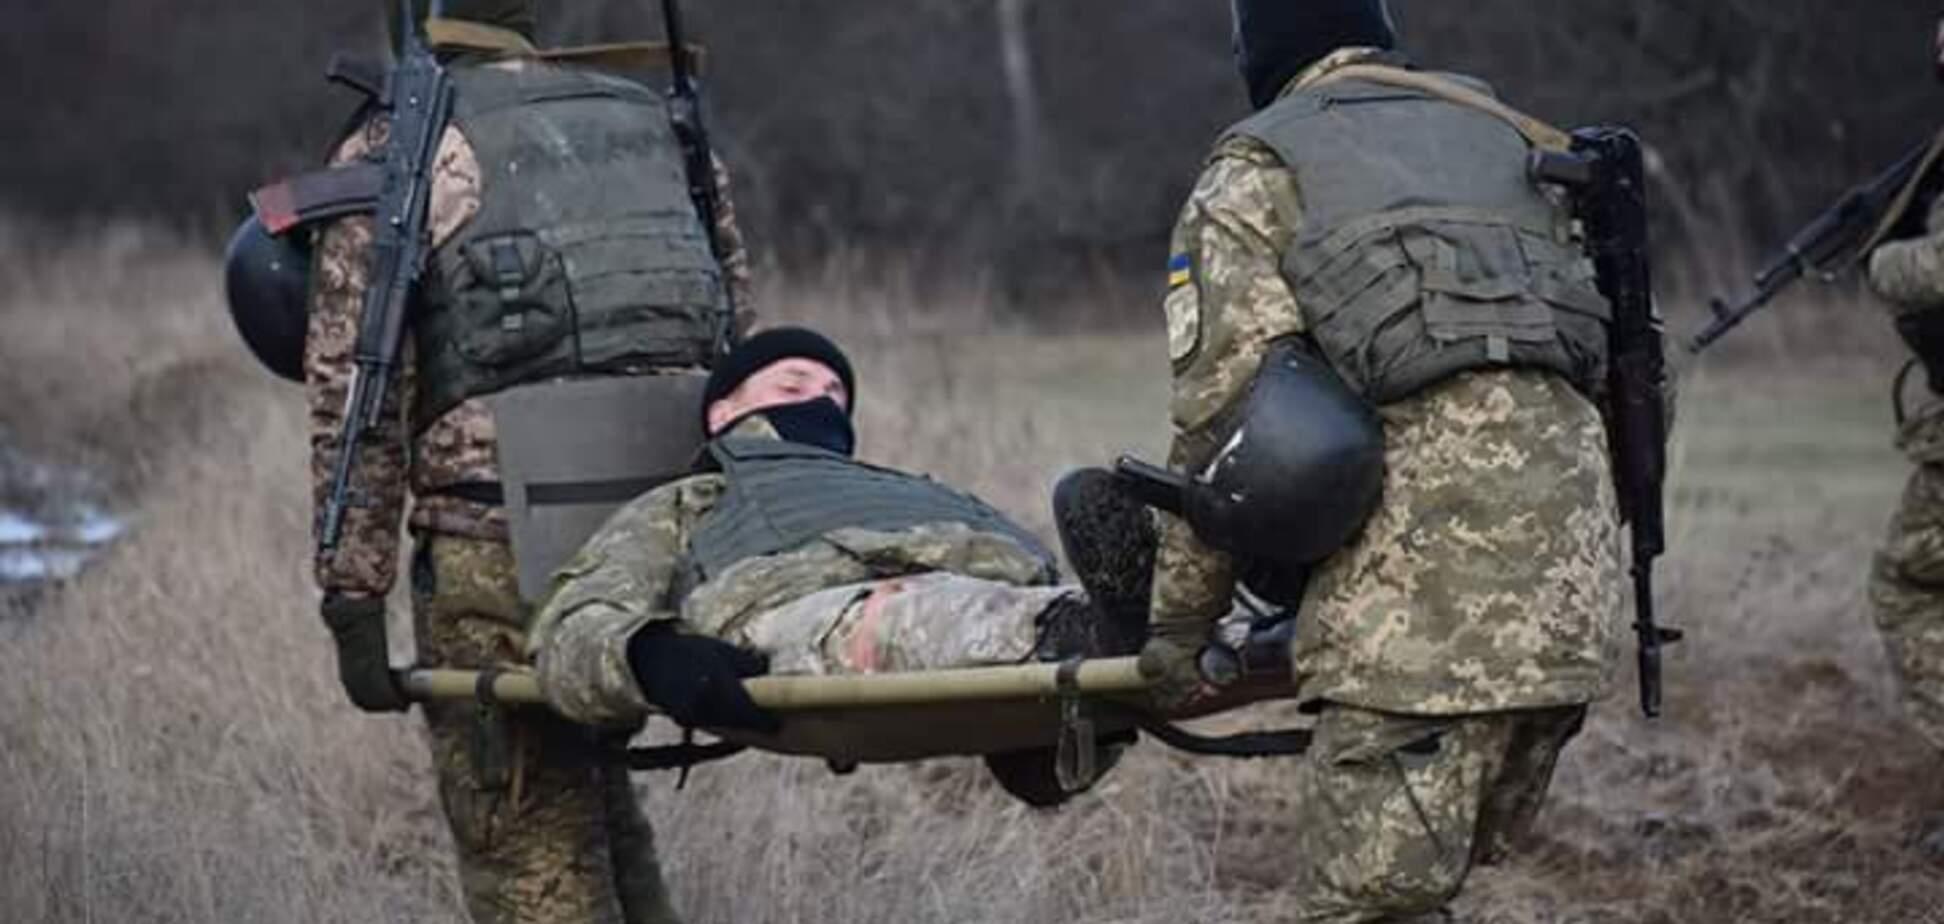 Страшно представить: волонтеры рассказали о гибели украинцев в плену 'Л/ДНР'